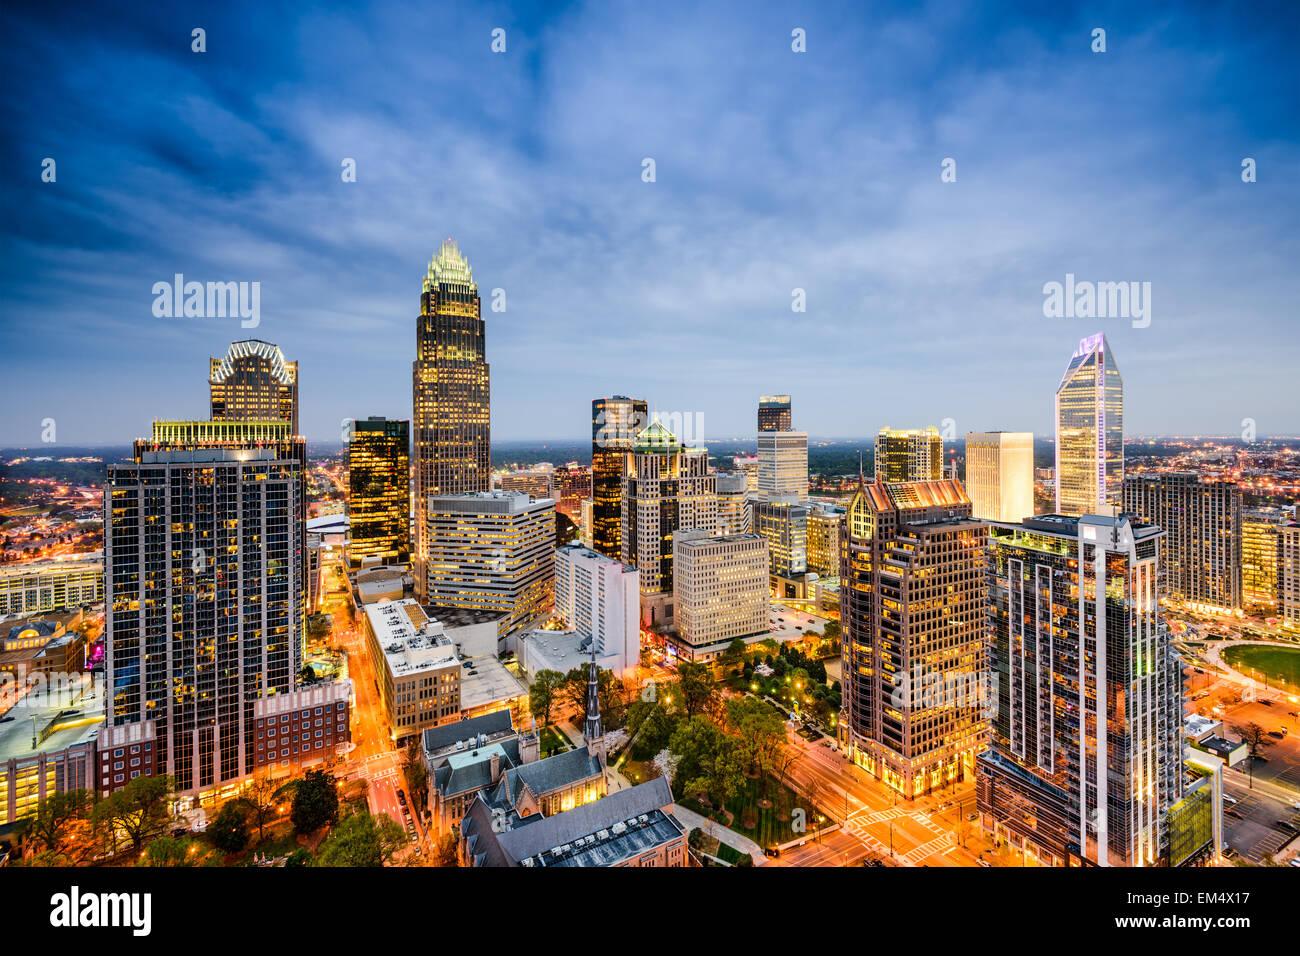 Charlotte, Carolina del Norte, EE.UU uptown skyline. Imagen De Stock